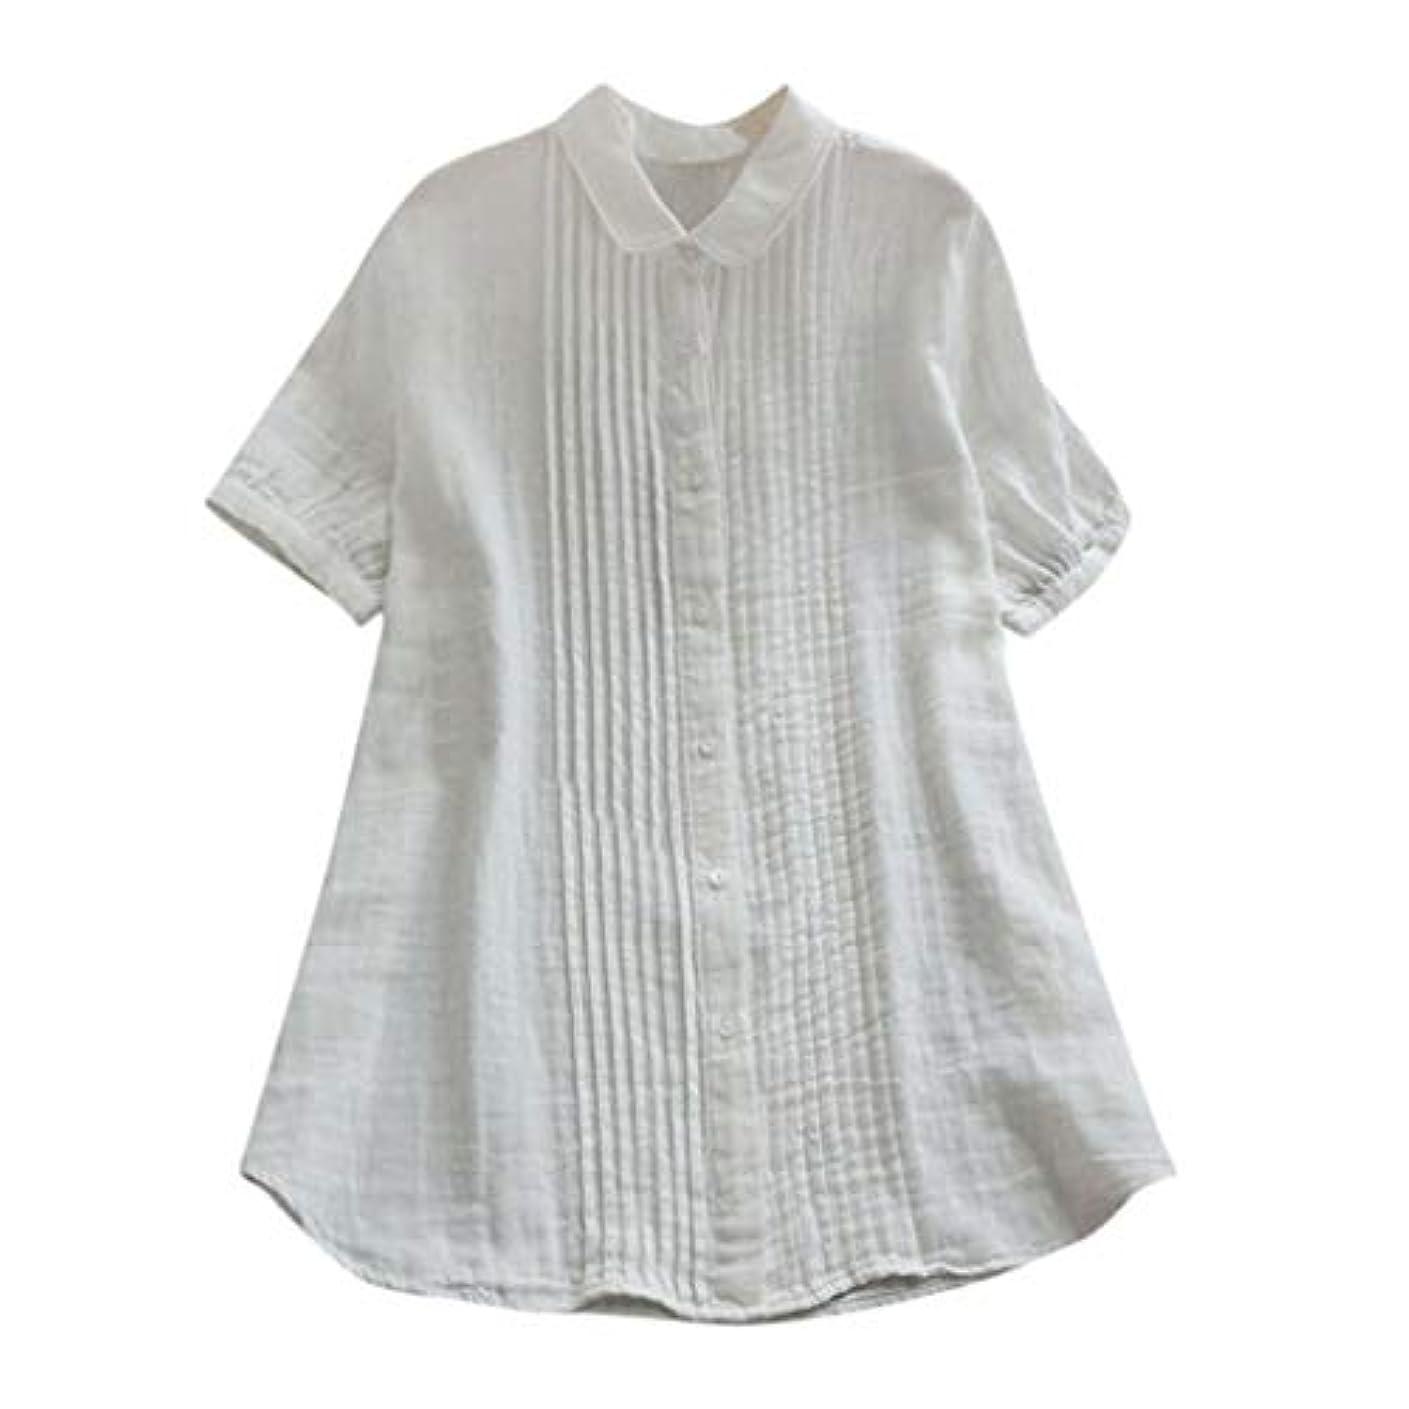 ポンペイ極小船形女性の半袖Tシャツ - ピーターパンカラー夏緩い無地カジュアルダウントップスブラウス (白, XL)